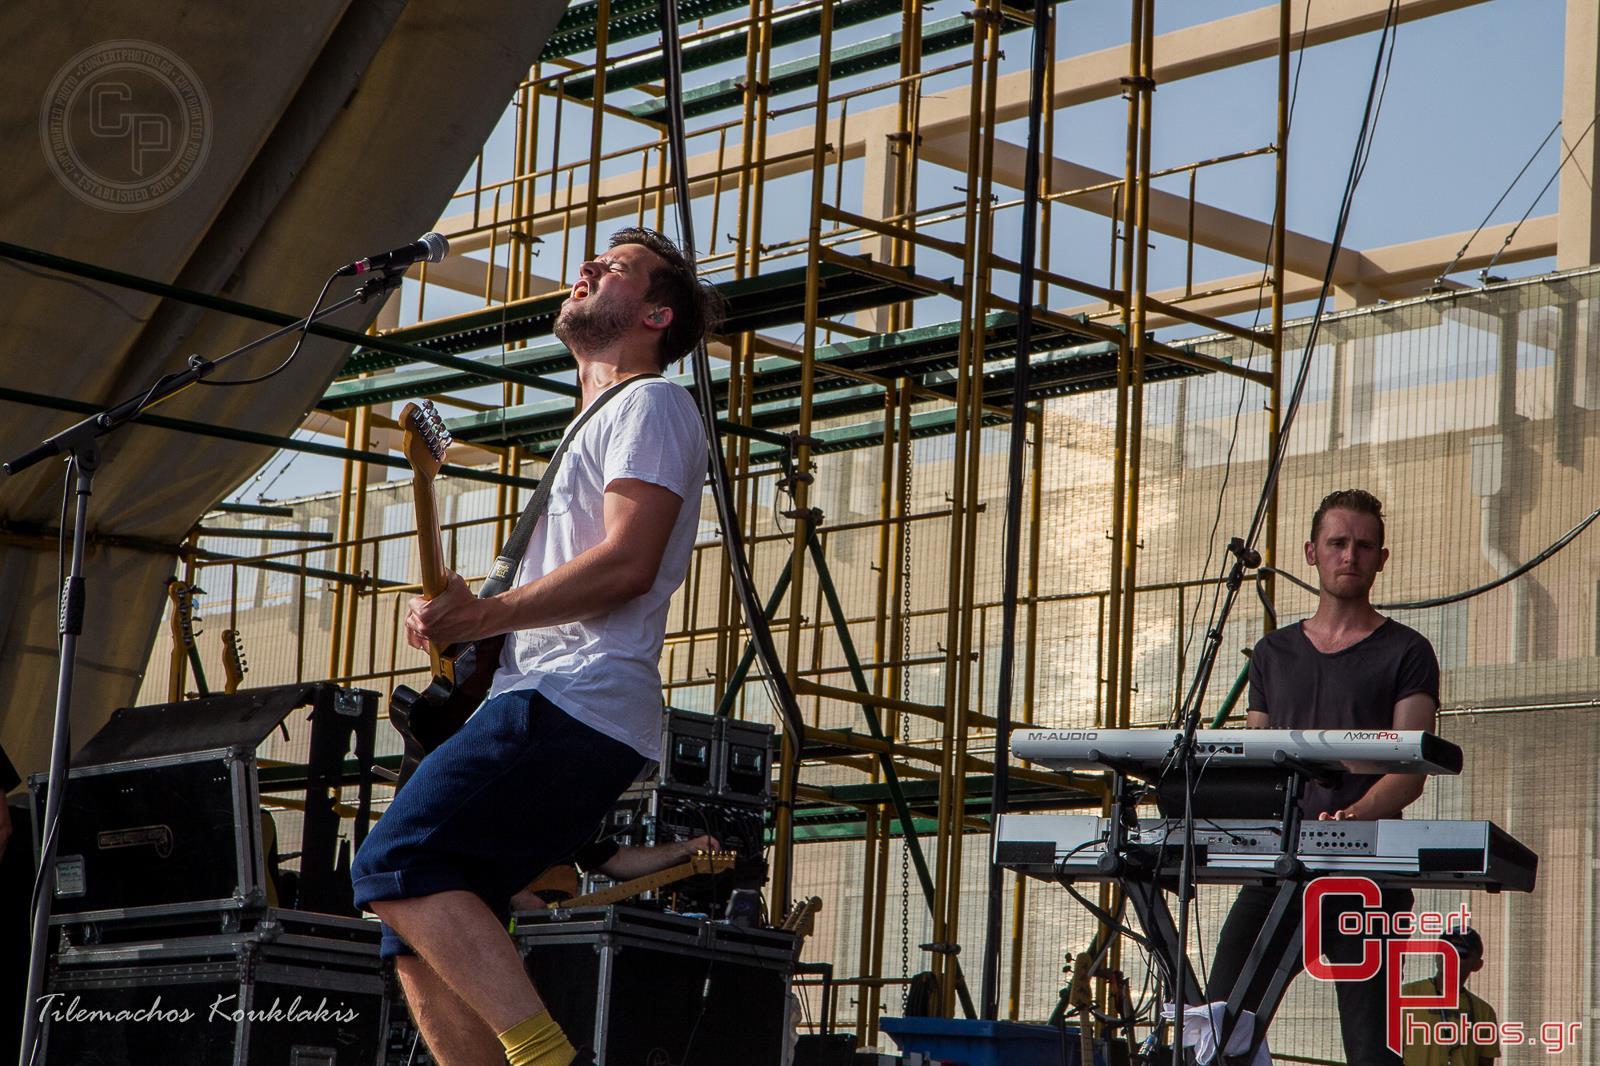 Ejekt Festival 2014-Ejekt Festival 2014 photographer:  - IMG_2708